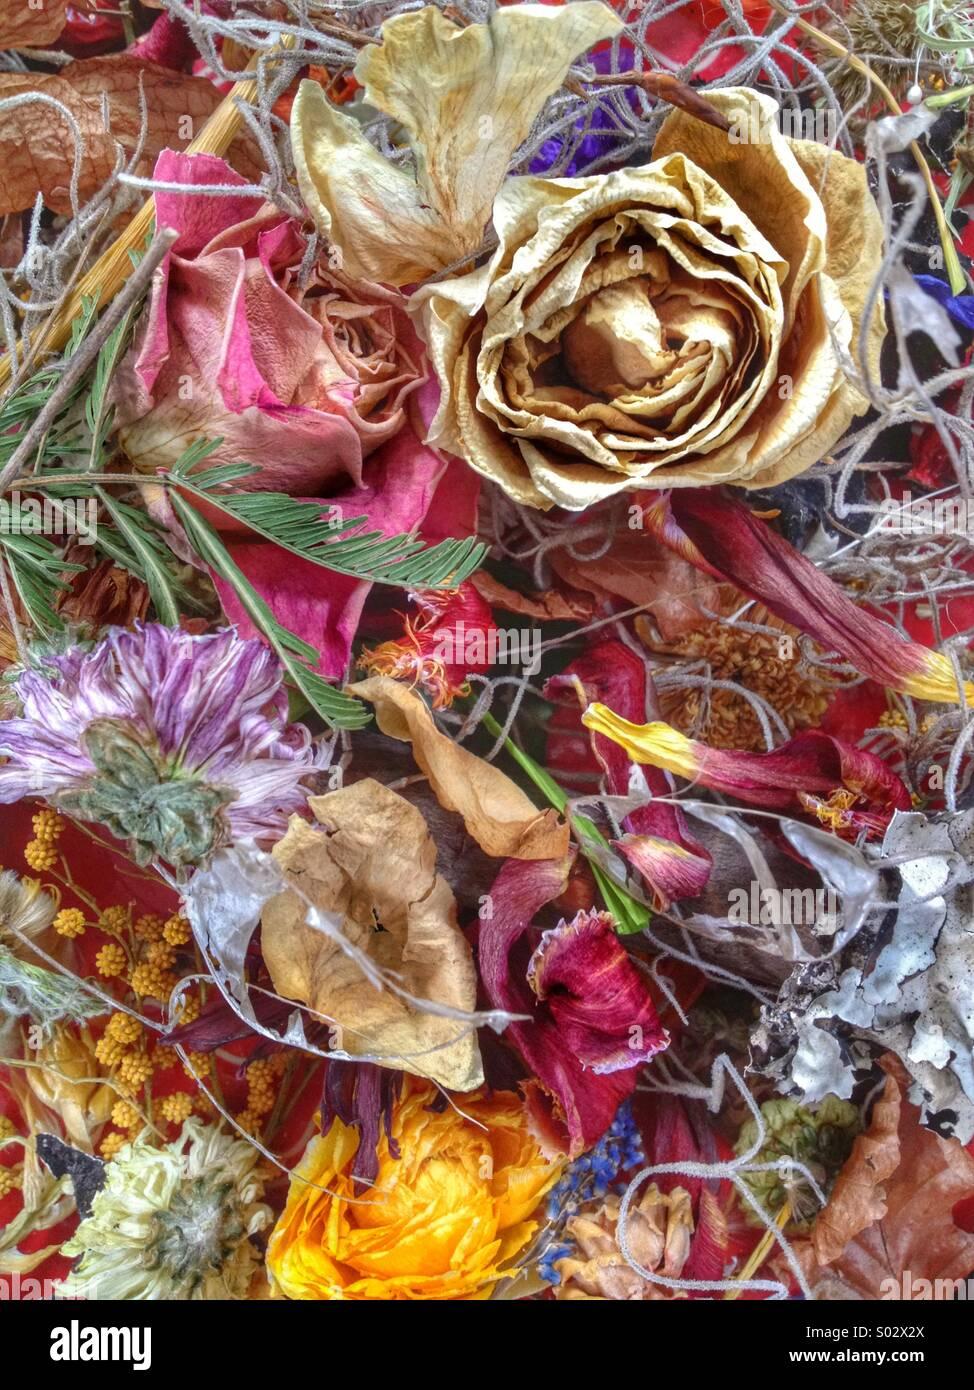 Resumen de flores secas Imagen De Stock